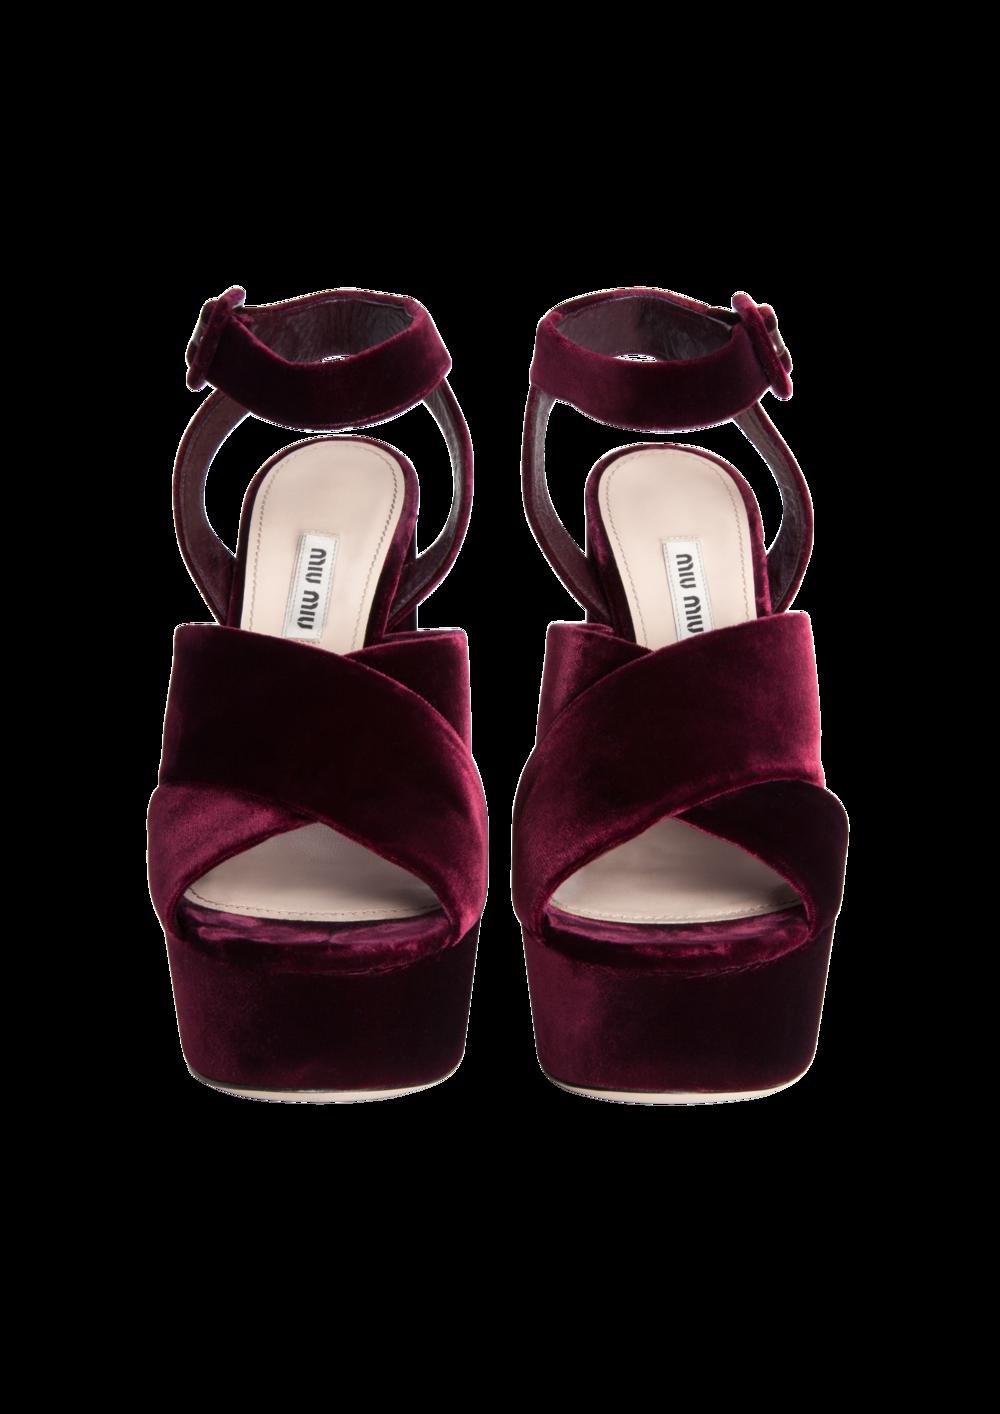 miumiu-shoes01.png